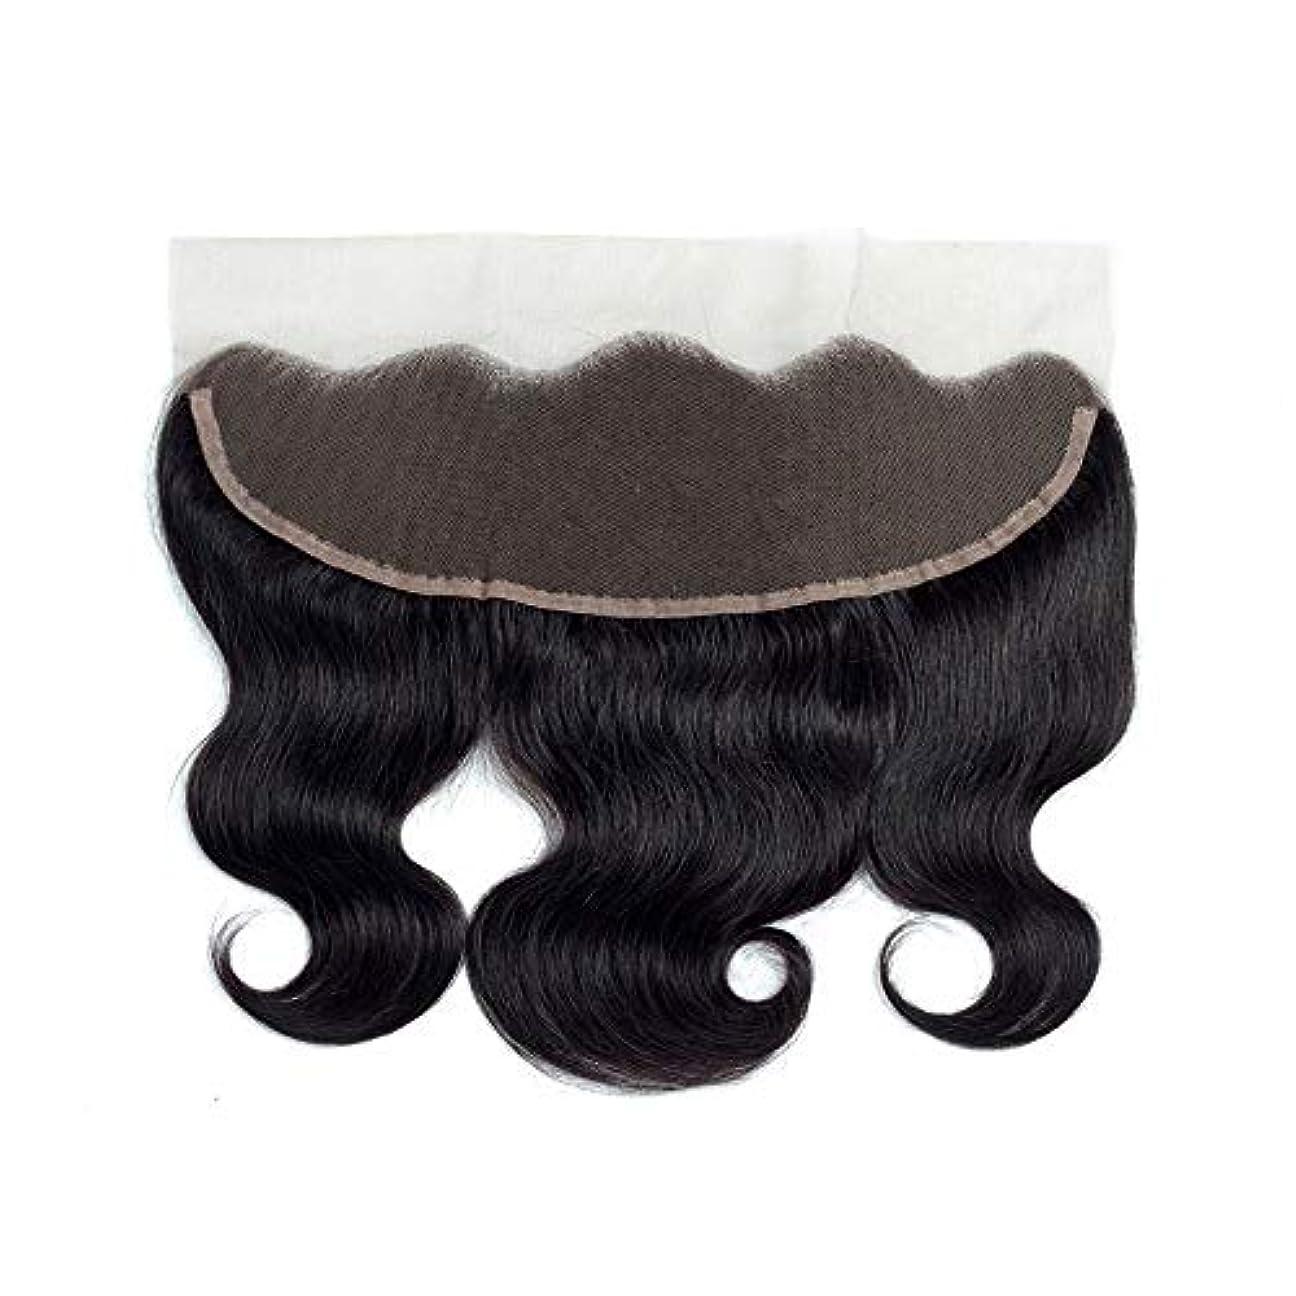 冷酷なルーピッチャーWASAIO 閉鎖前頭ボディウェーブ人間の拡張クリップUnseamed本能的ブラックカラー13 * 4レースでブラジルの髪 (色 : 黒, サイズ : 8 inch)